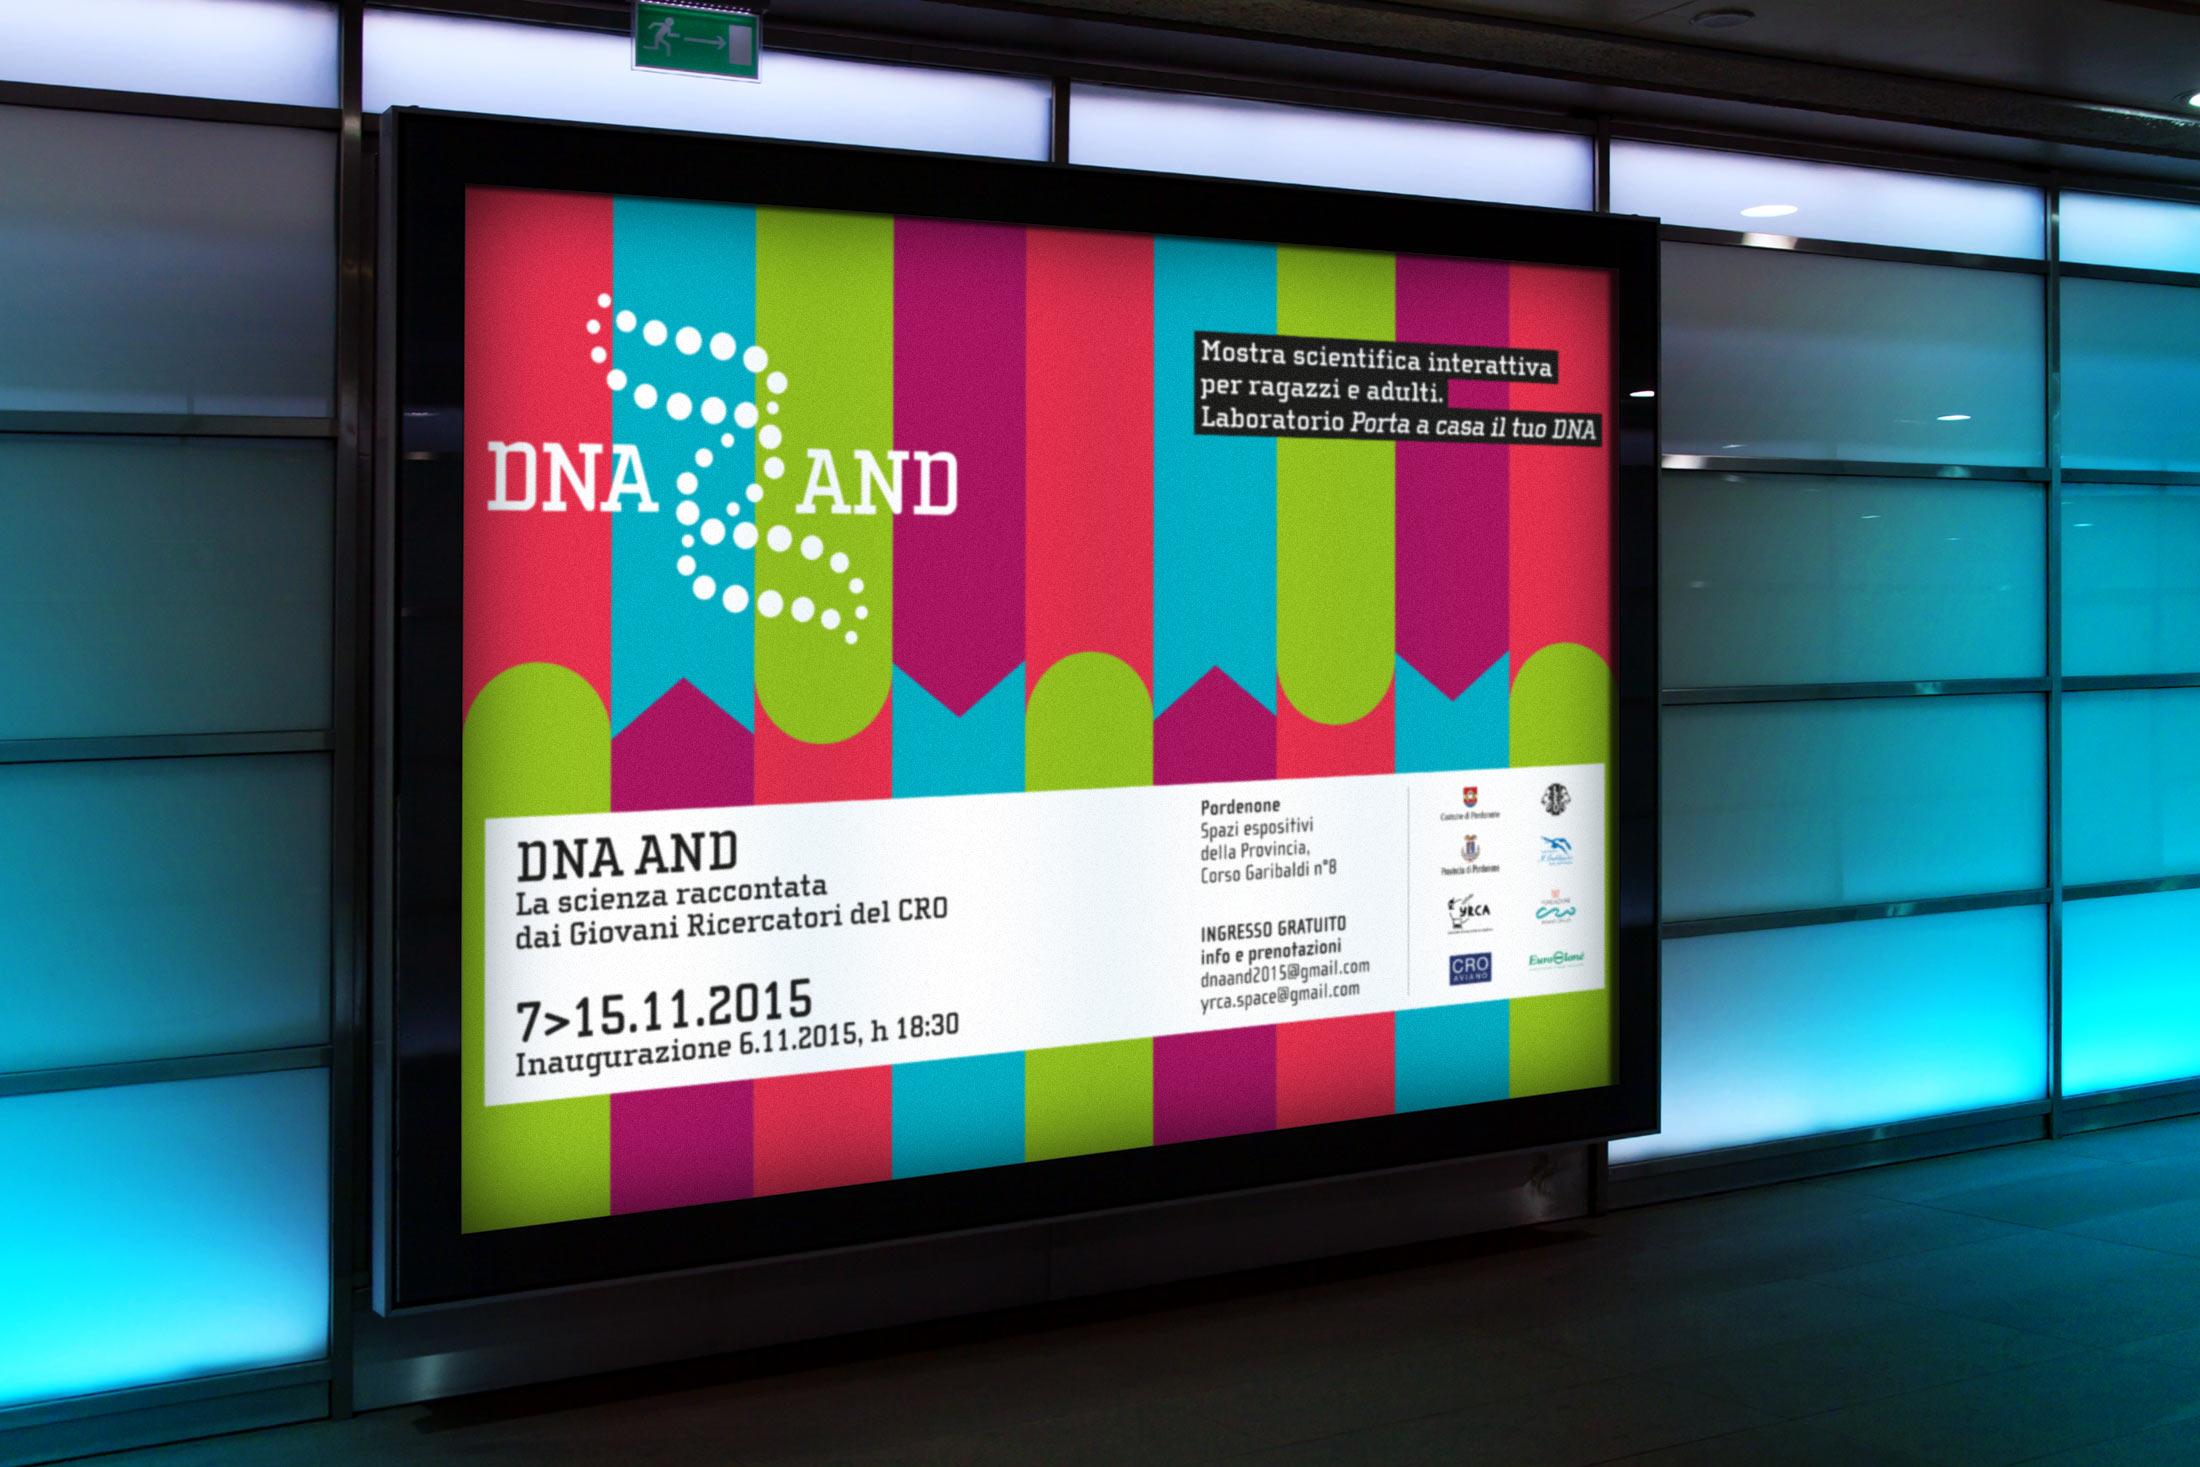 DNA AND - archigrafia 1